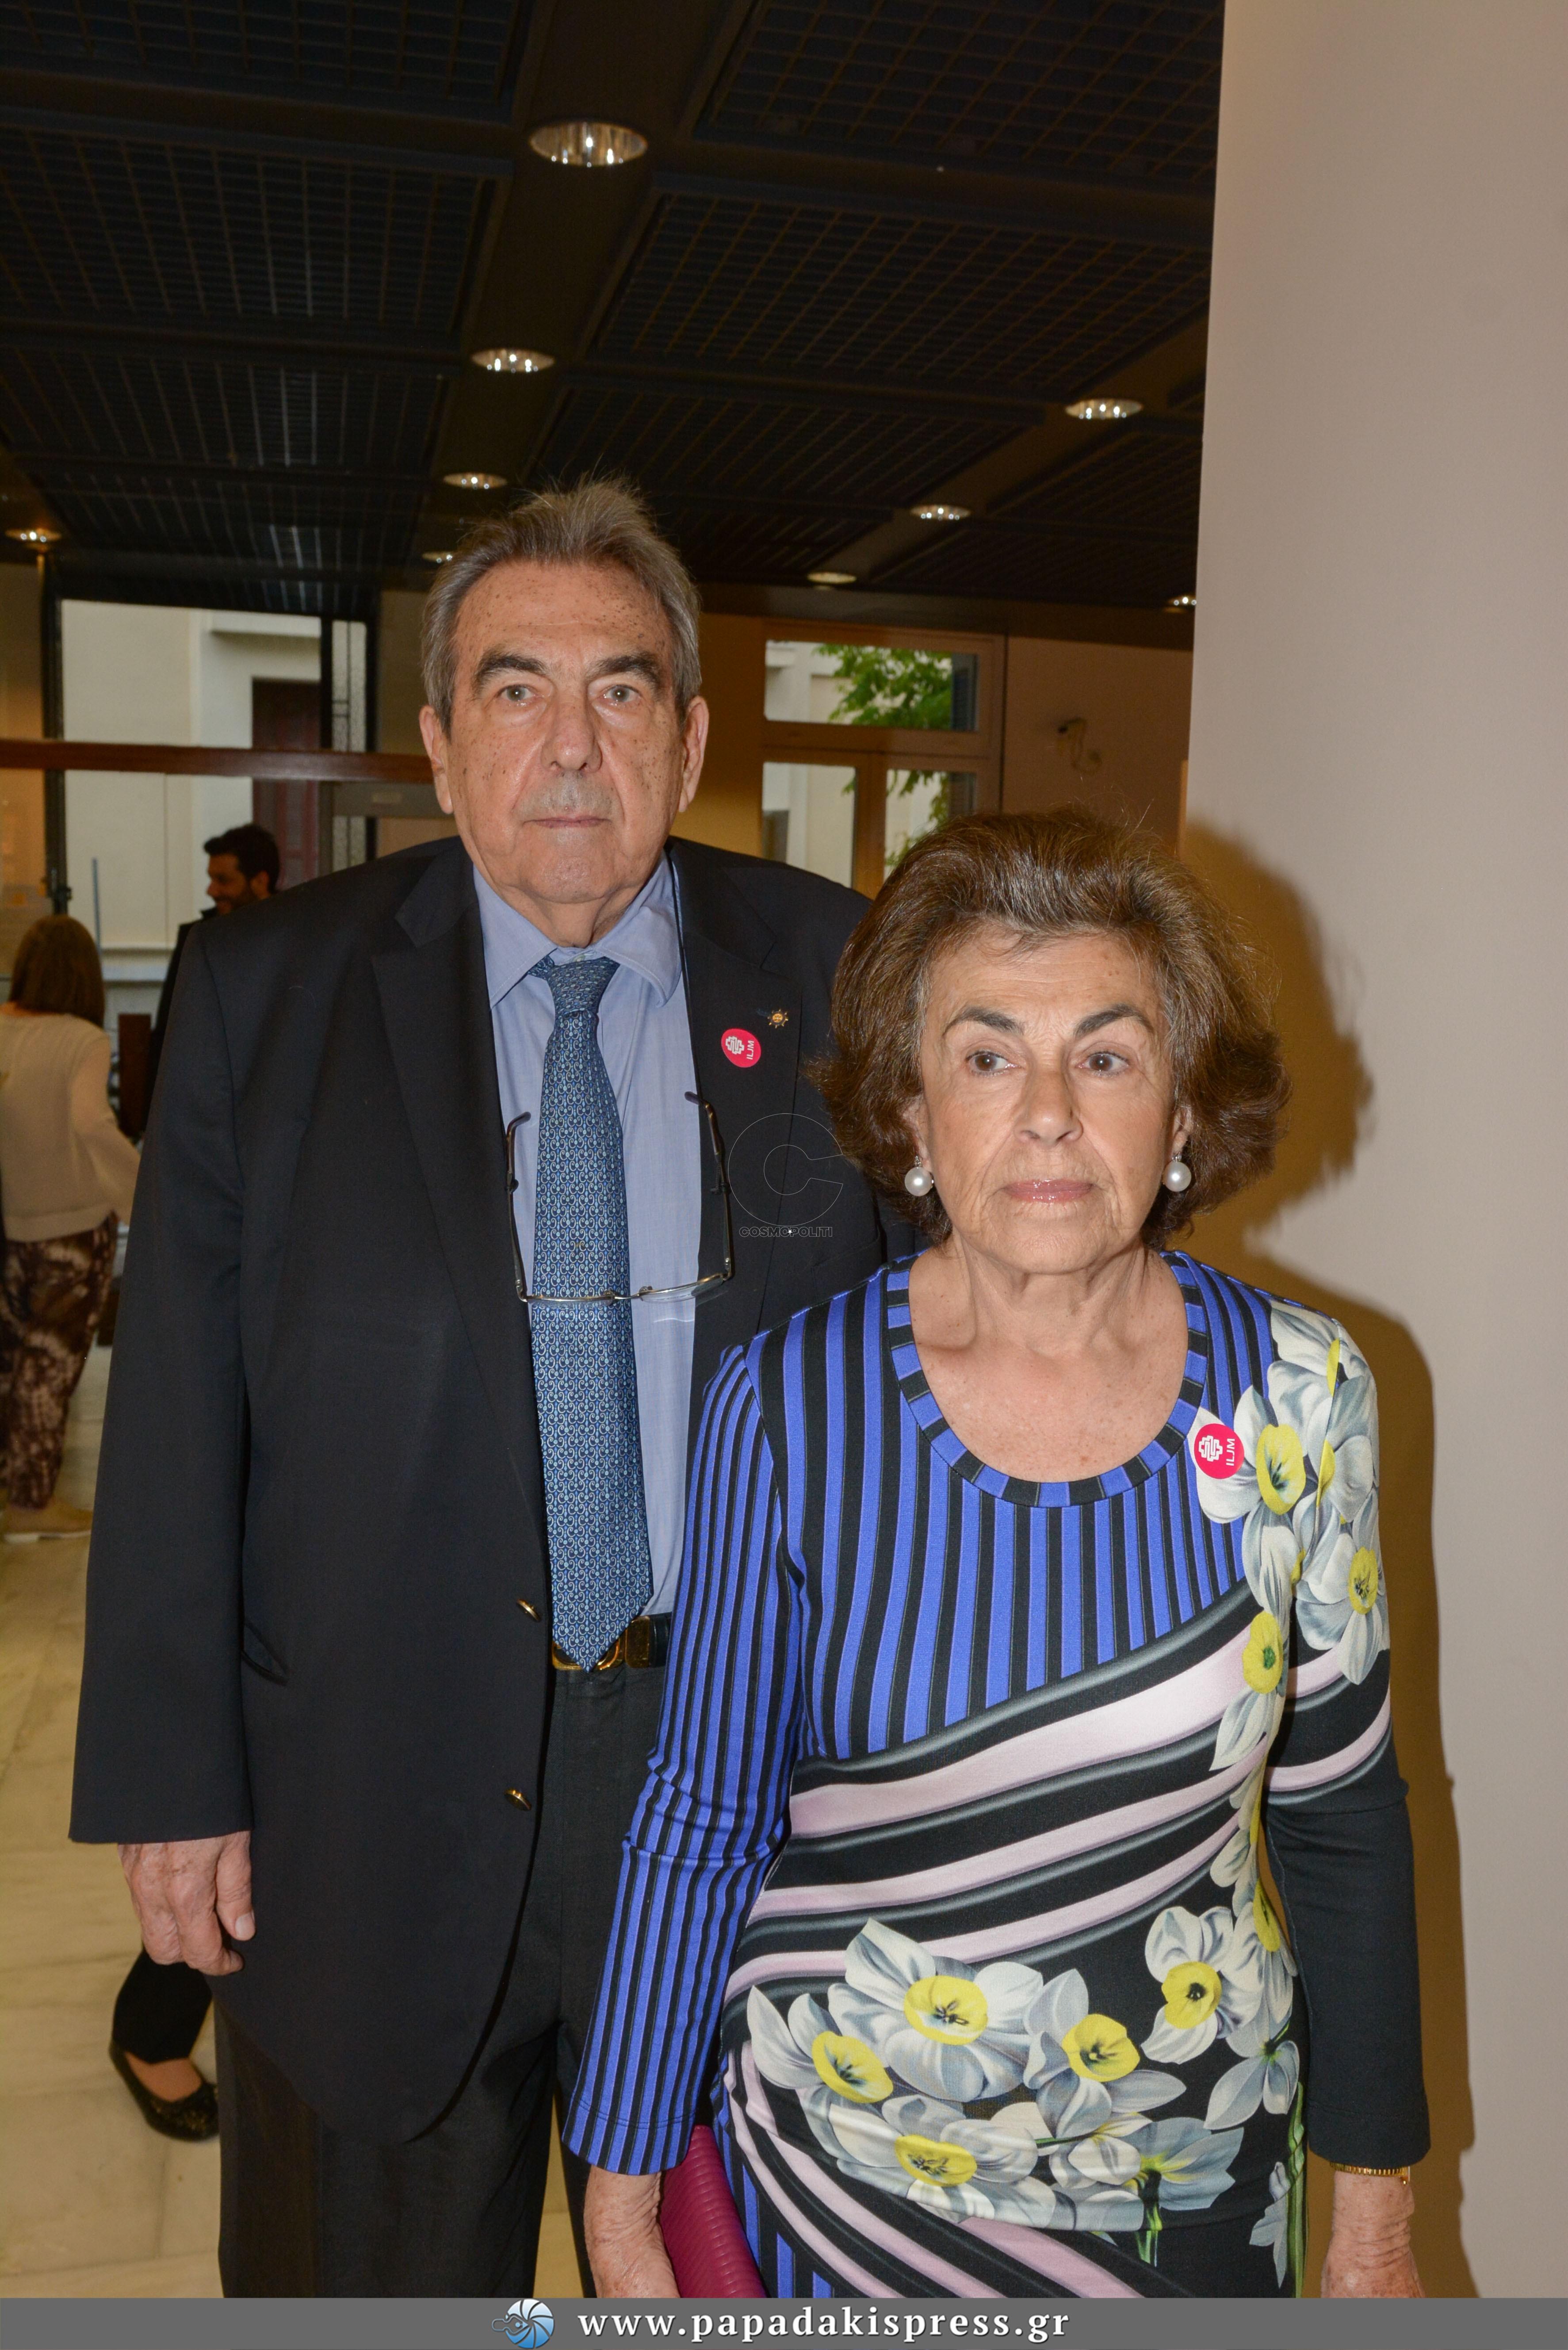 Βλάσης Κατράτζος , Κατερίνα Κατράτζου ( γονείς fashion designer Μαίρης Κατράτζου)